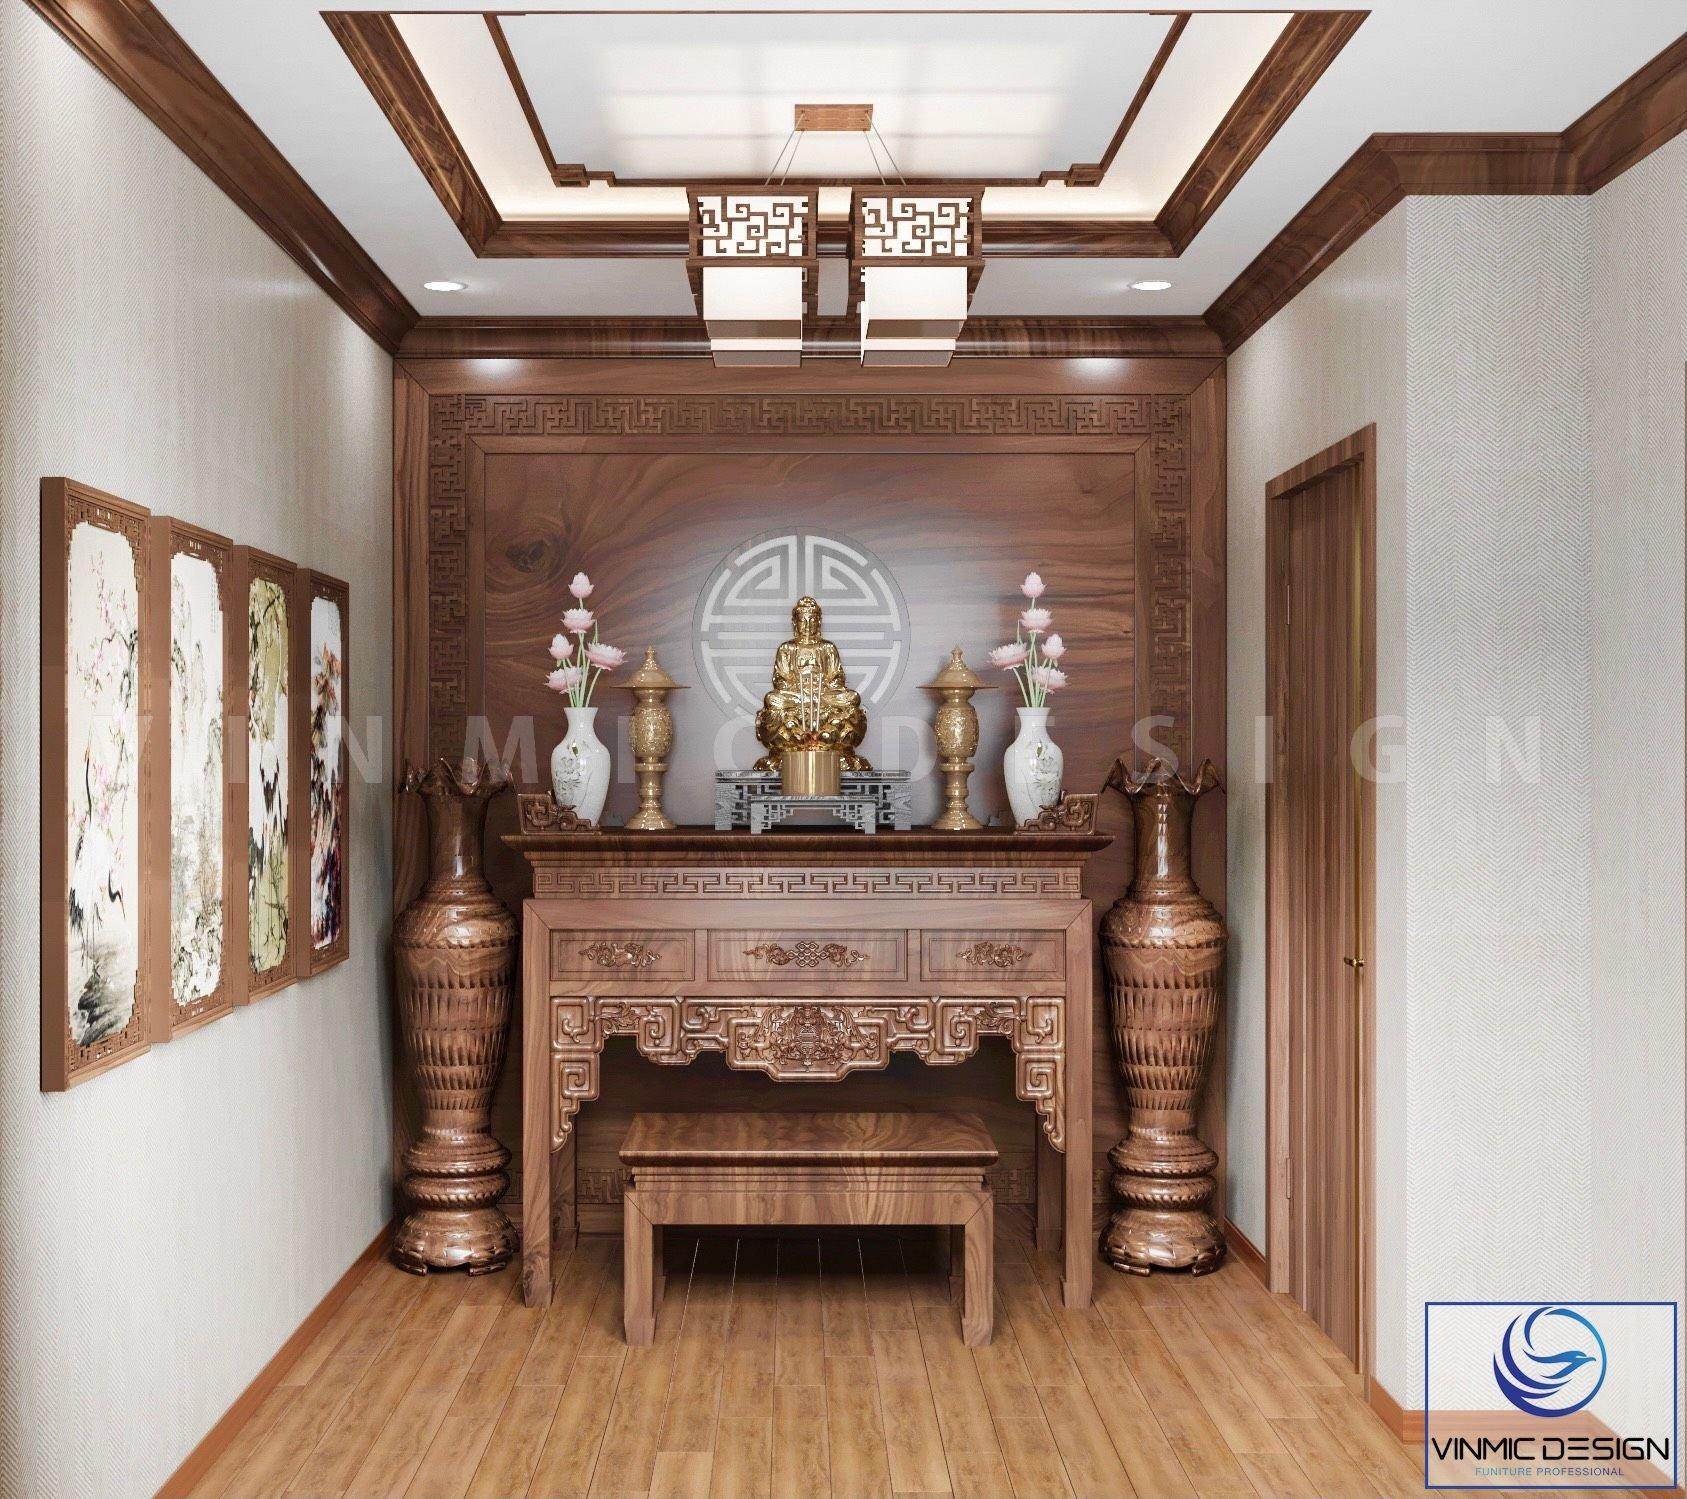 Bàn thờ làm gỗ gụ đặc biệt tạo sự tôn nghiêm, yên tĩnh.